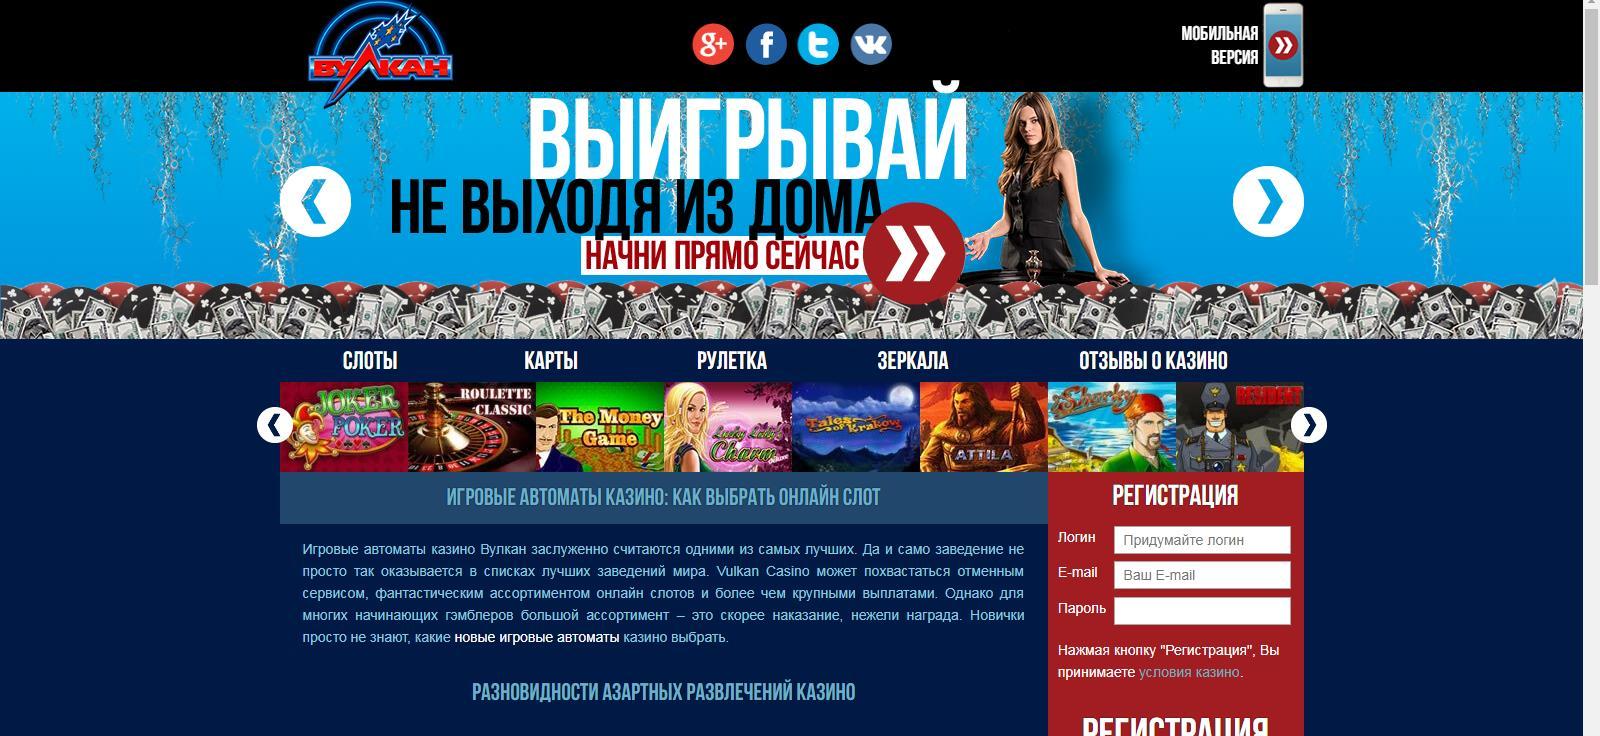 Онлайн казино europa casino официальный сайт официальный